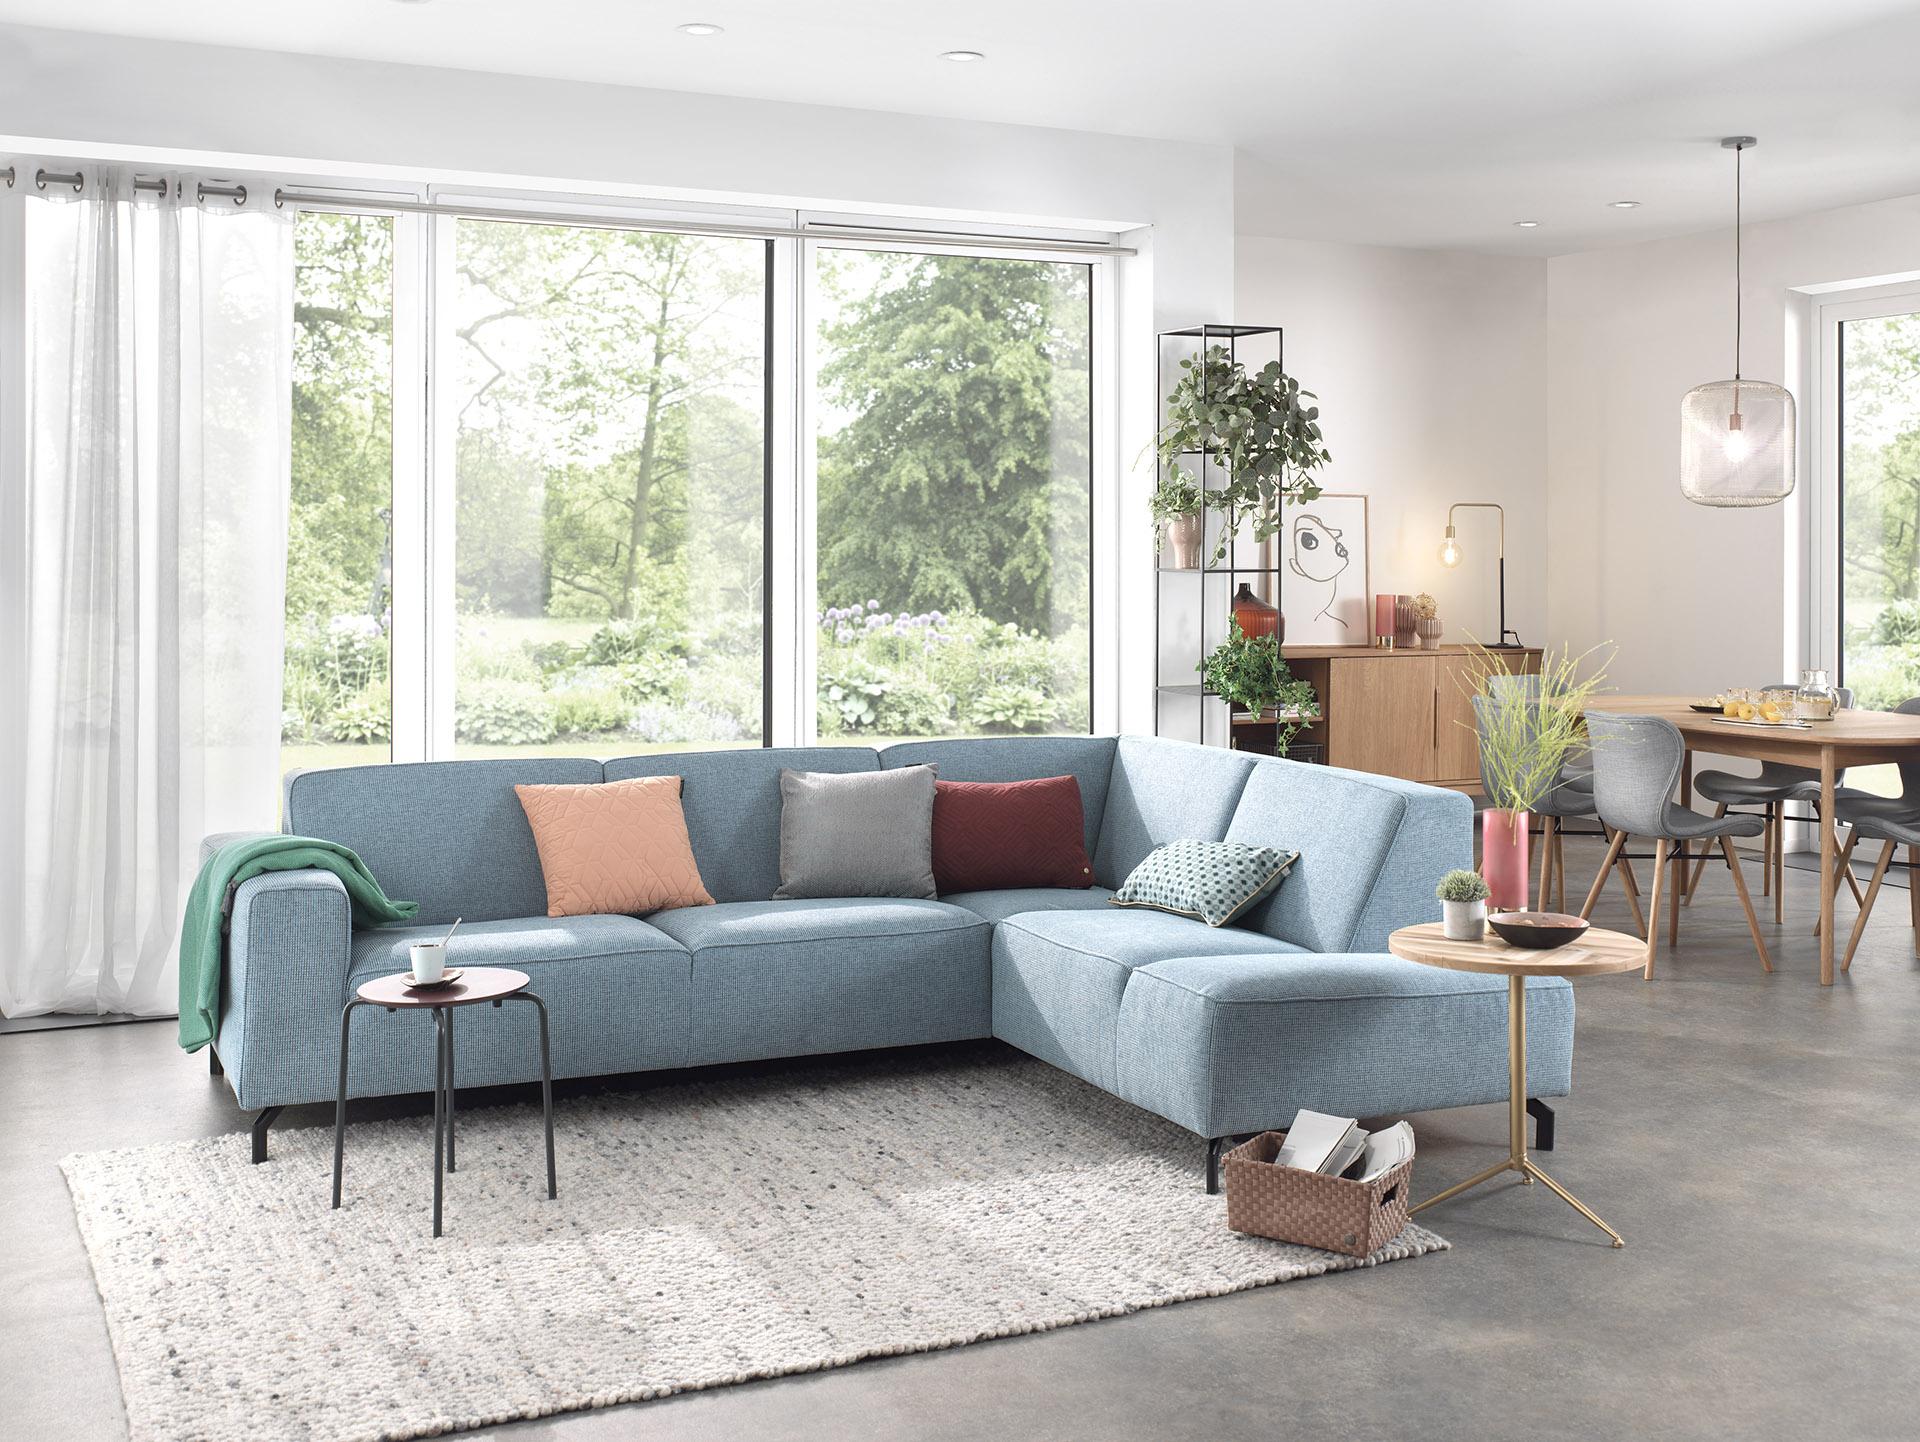 Woonkamer Design Kleuren : Richter young design hoekzetel top deba meubelen